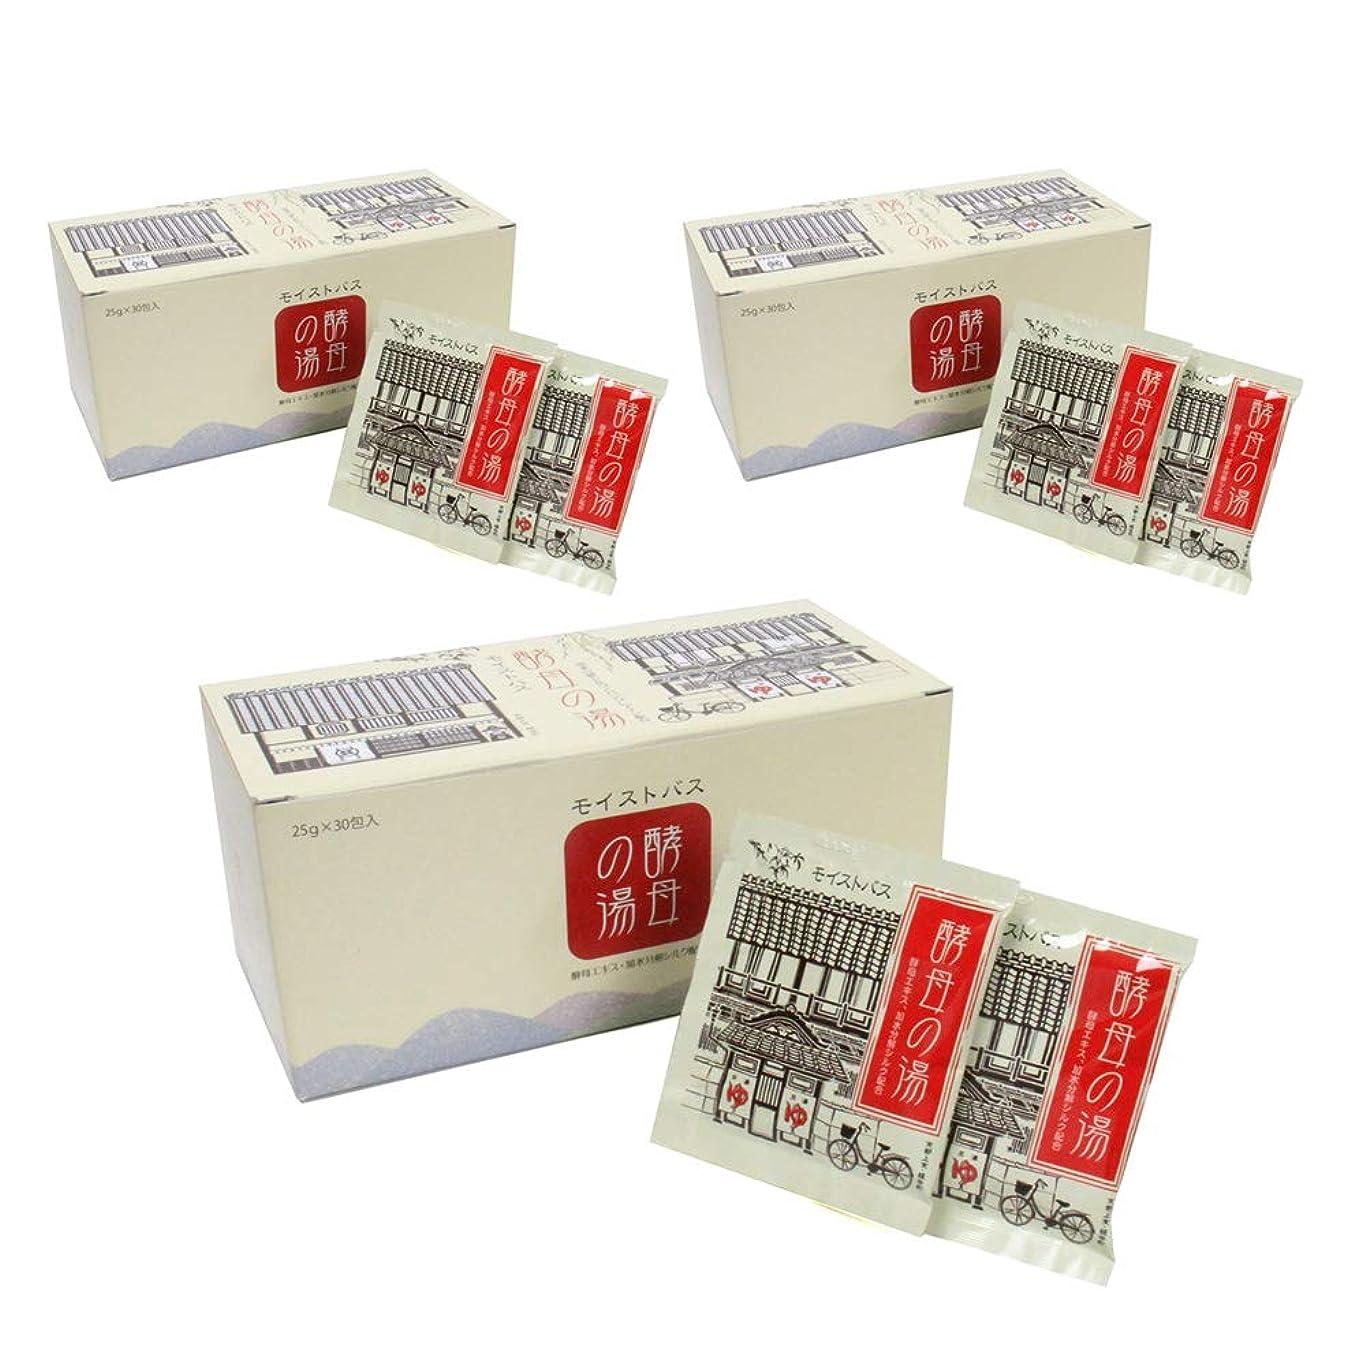 ネスト神経衰弱ジャケットアミノン モイストバス 酵母の湯 25g×30包 (3箱セット)